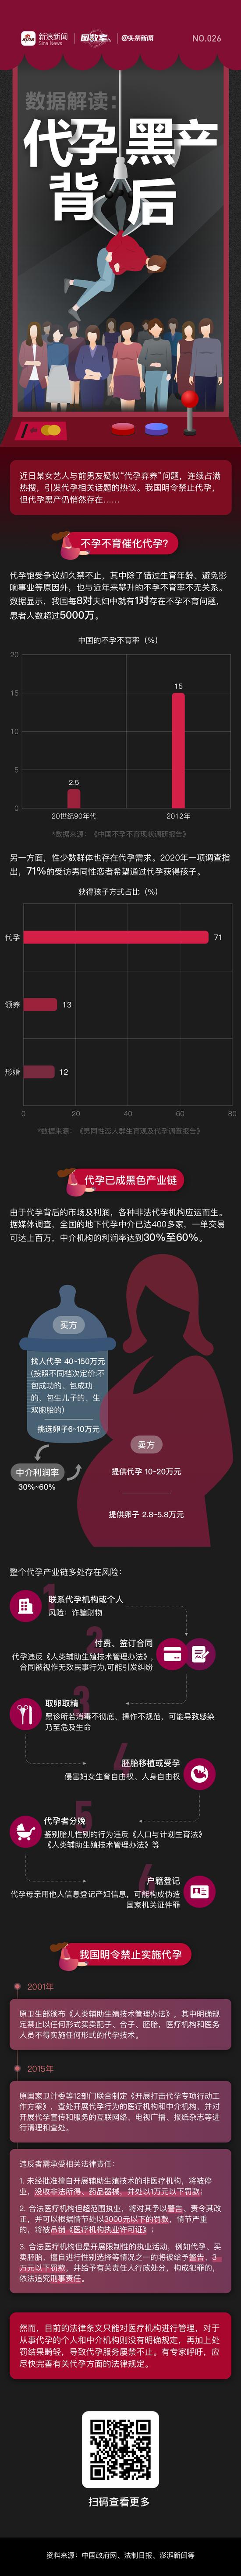 数据解读:代孕黑产背后丨图数室